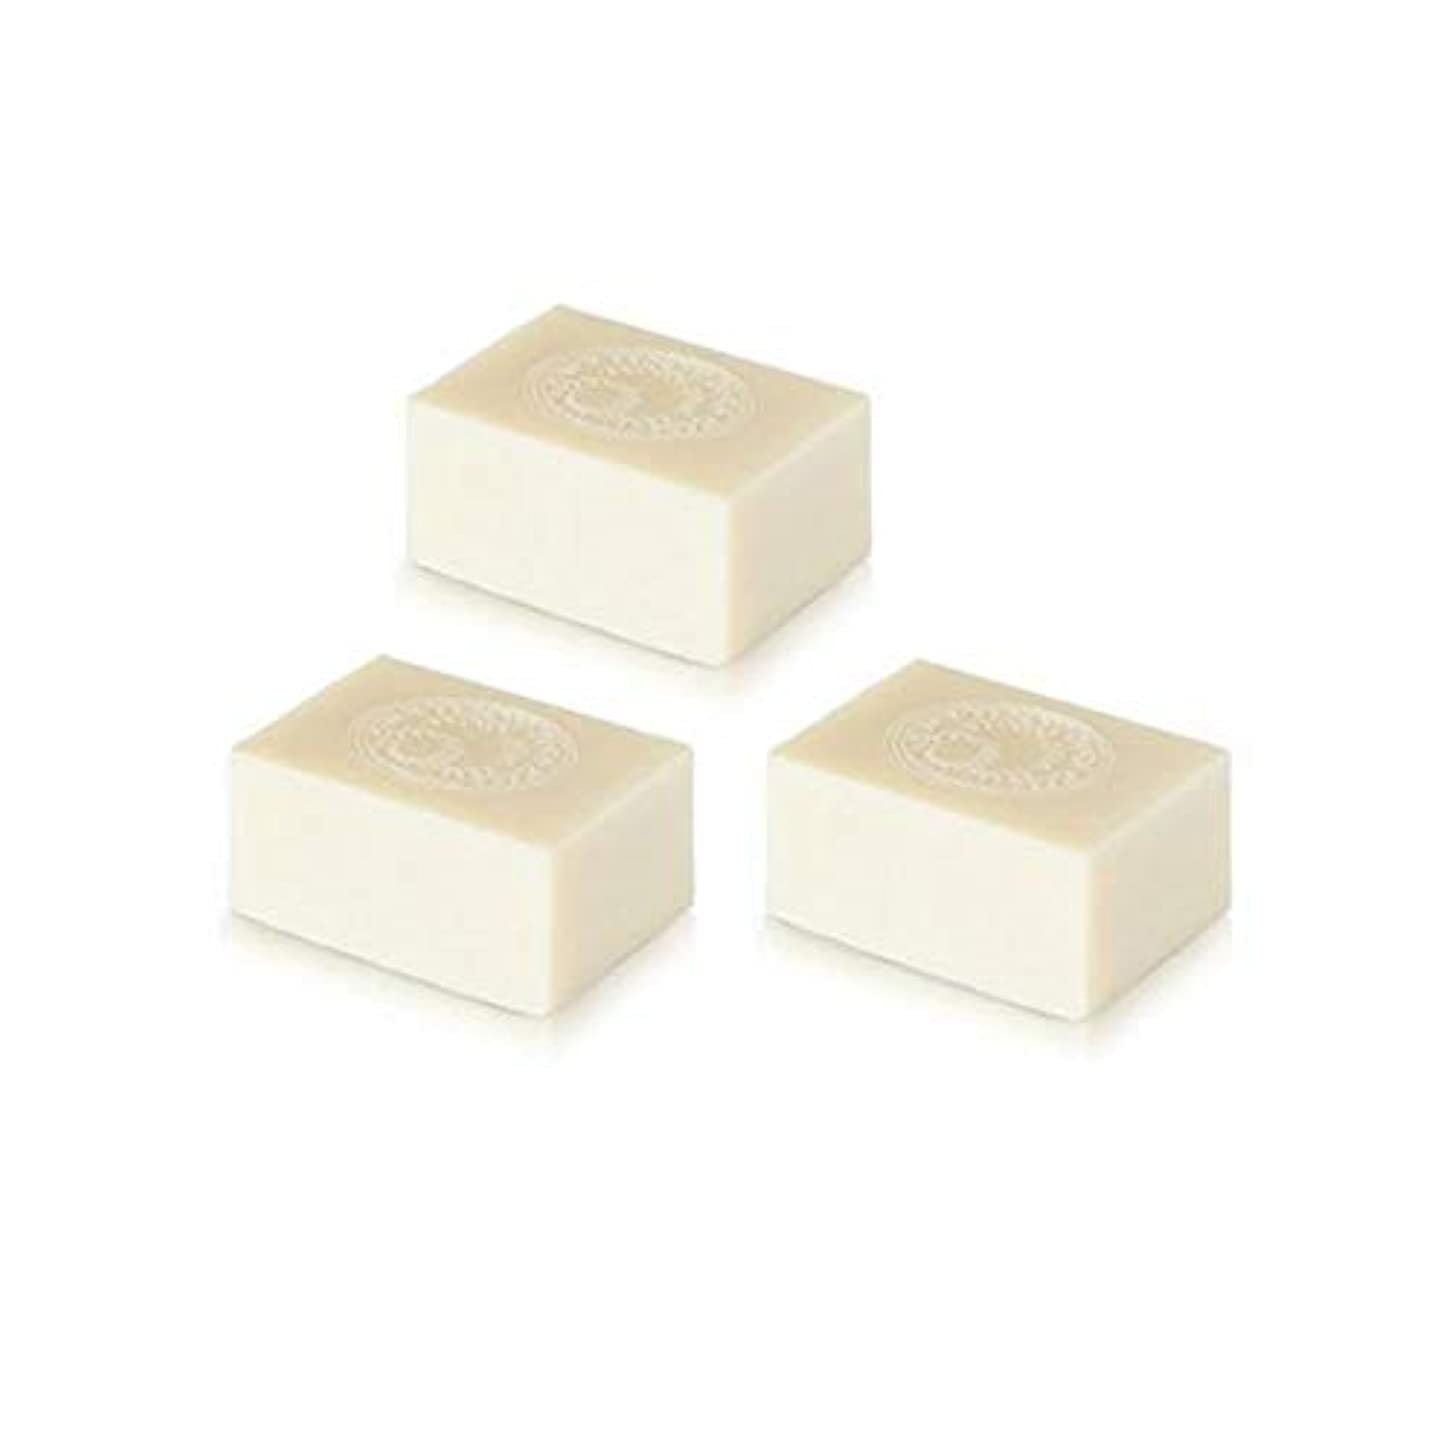 不快取得揮発性アルガン石鹸3個セット( 145g ×3個) アルガンオイルの完全無添加石鹸